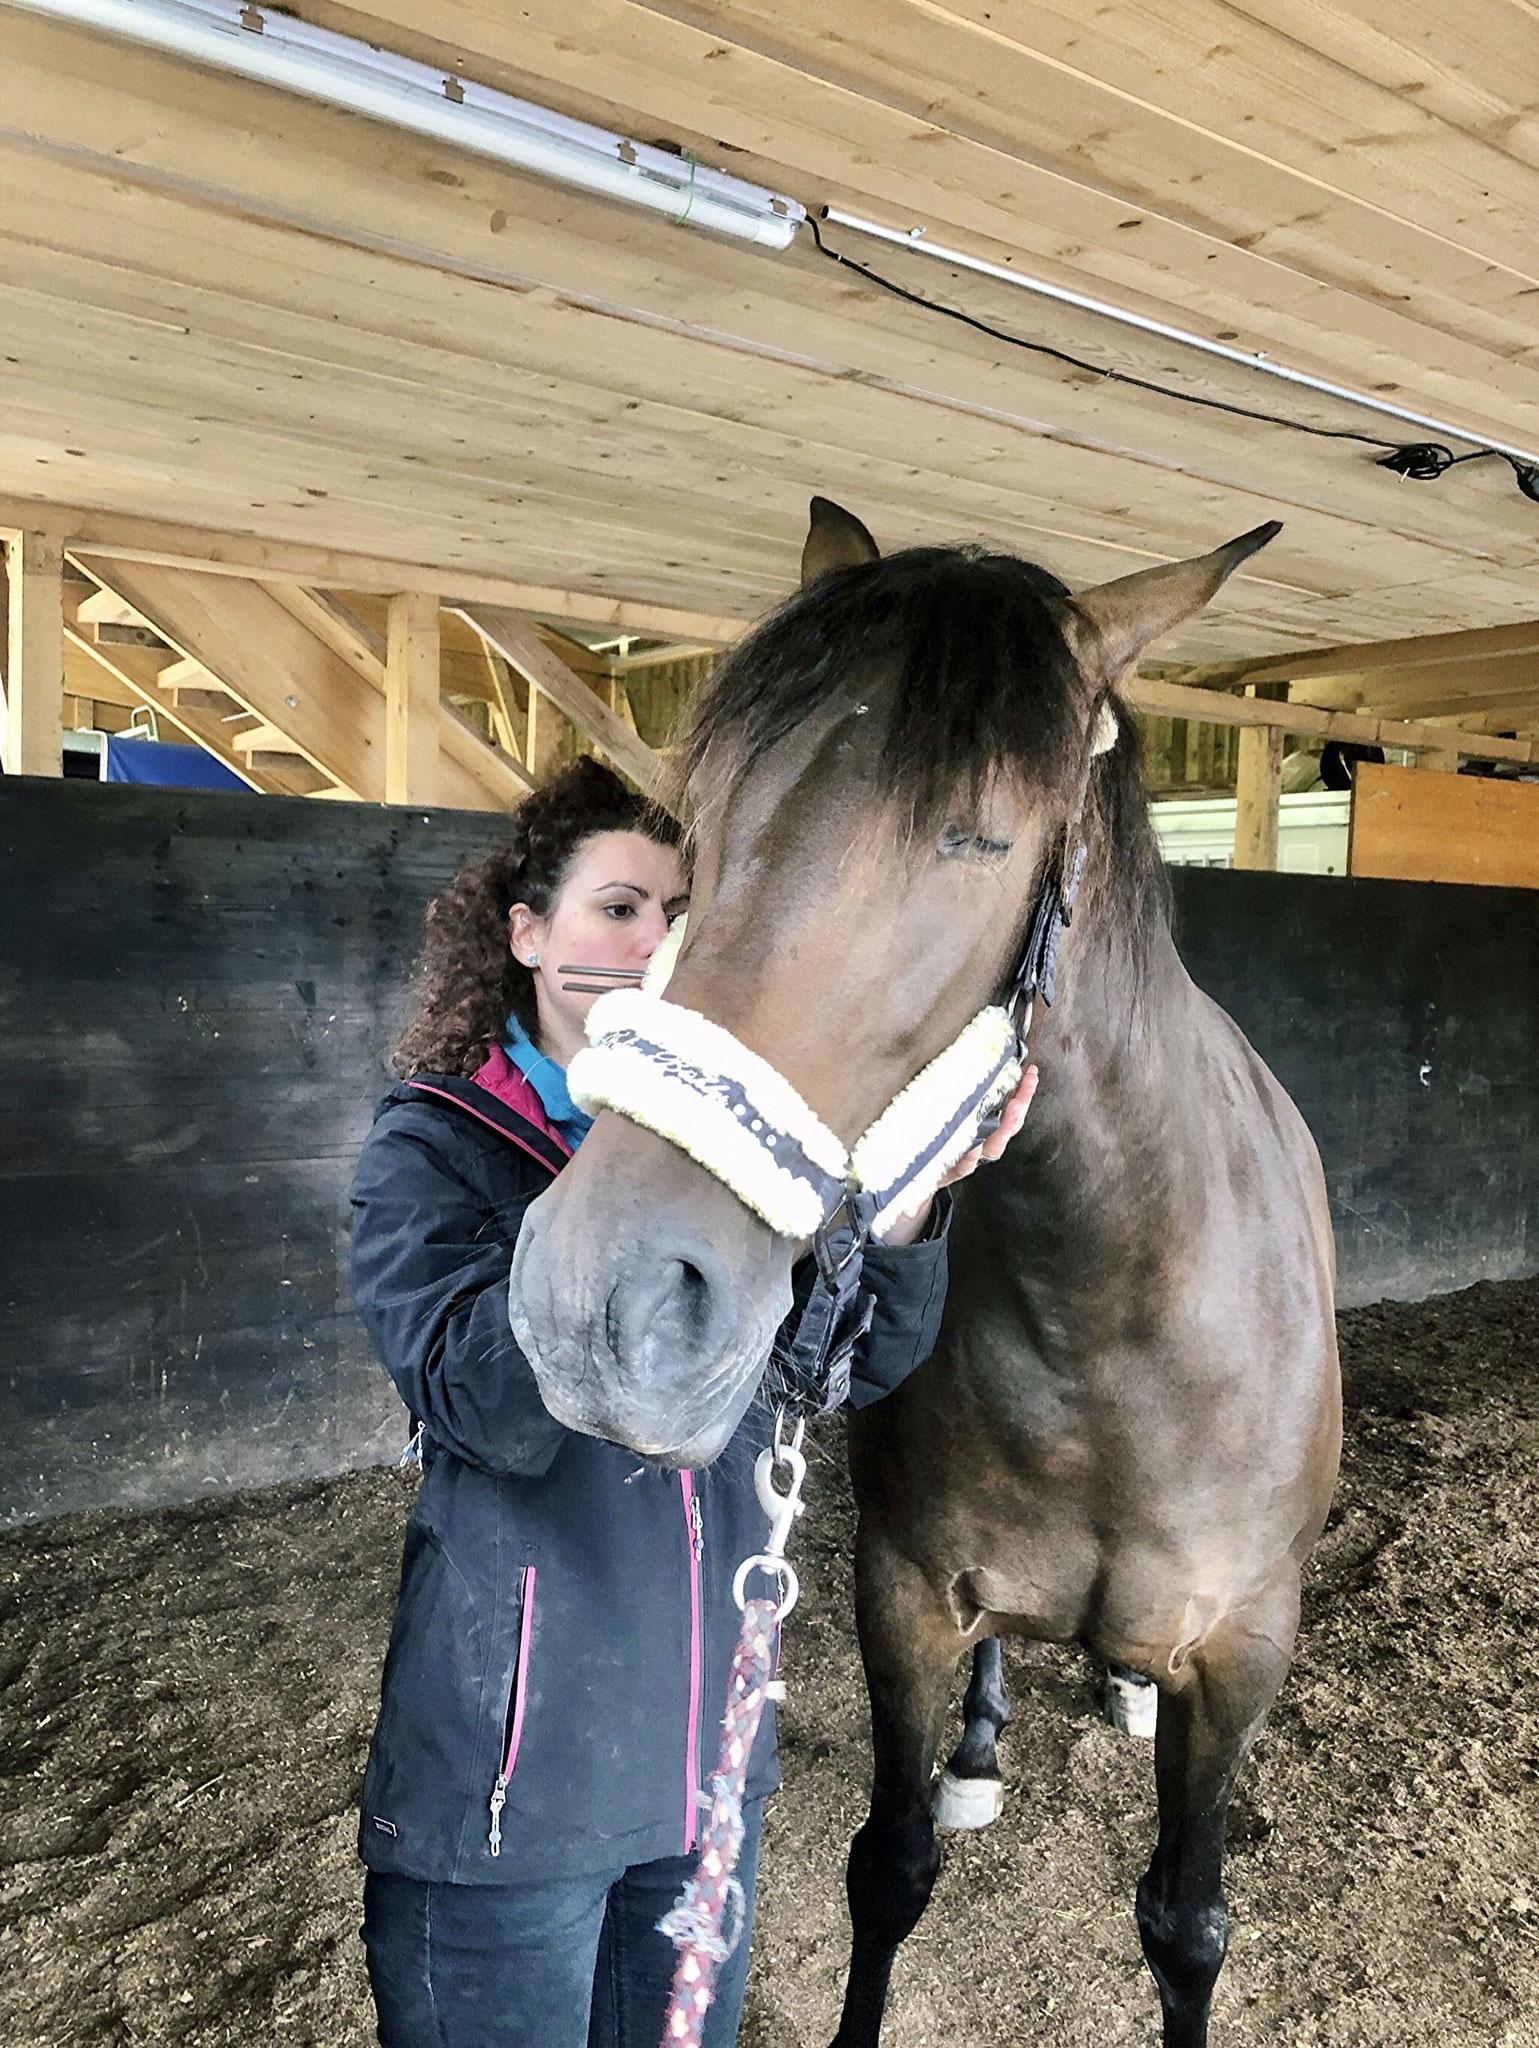 Das sanfte Vibrieren löst u.a. Verspannungen und wird von den meisten Pferden als sehr angenehm empfunden.